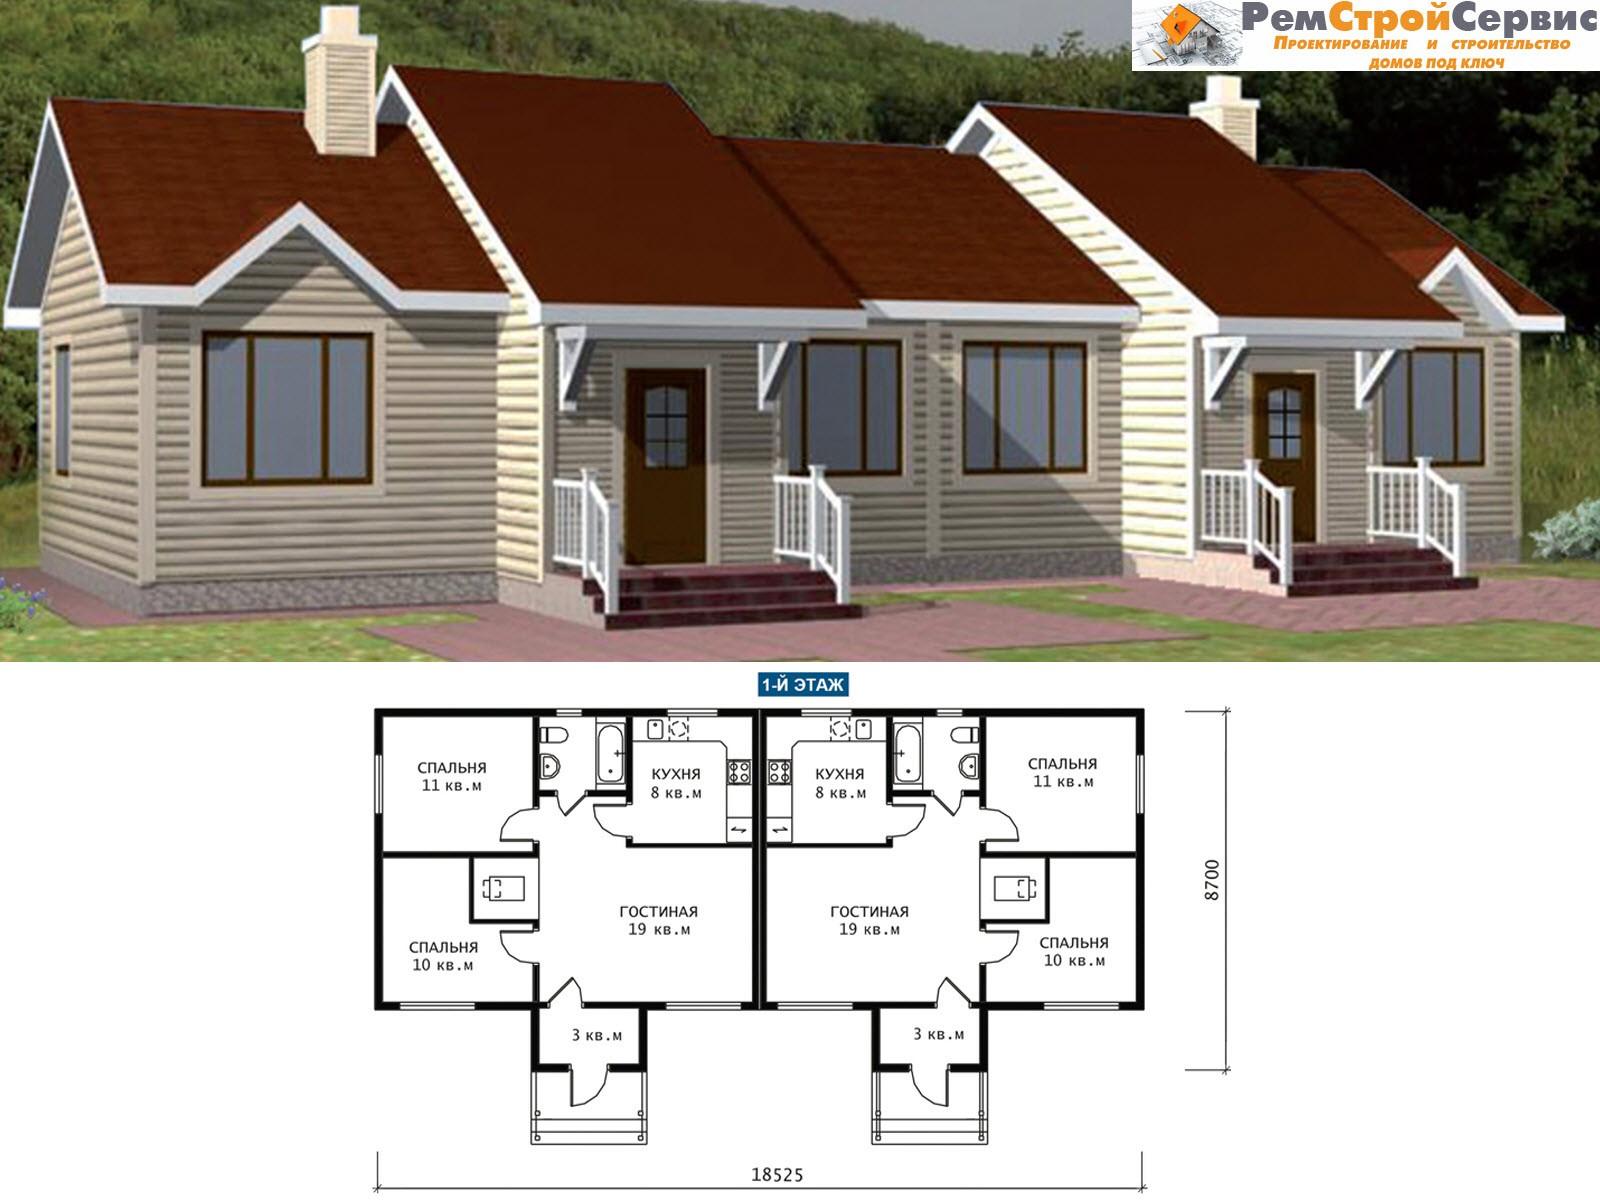 проект дома на 3 семьи с отдельными входами это специальный